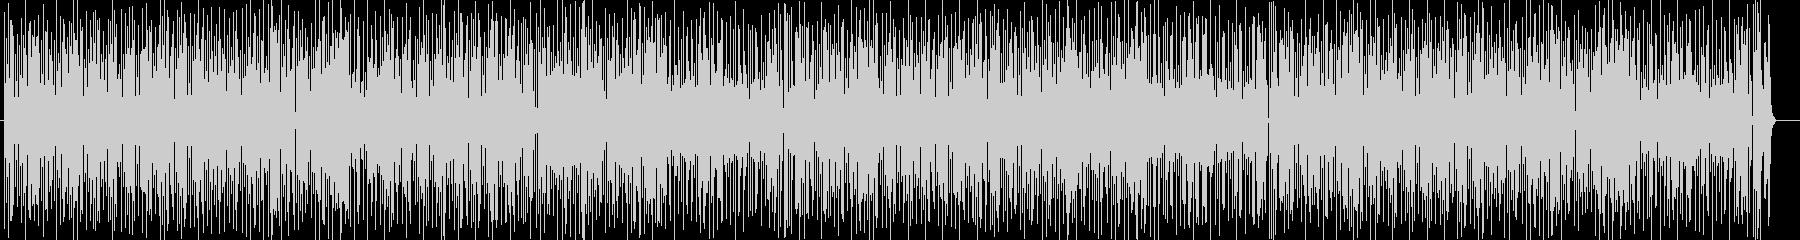 コミカルなシンセ・ゲーム音などのサウンドの未再生の波形